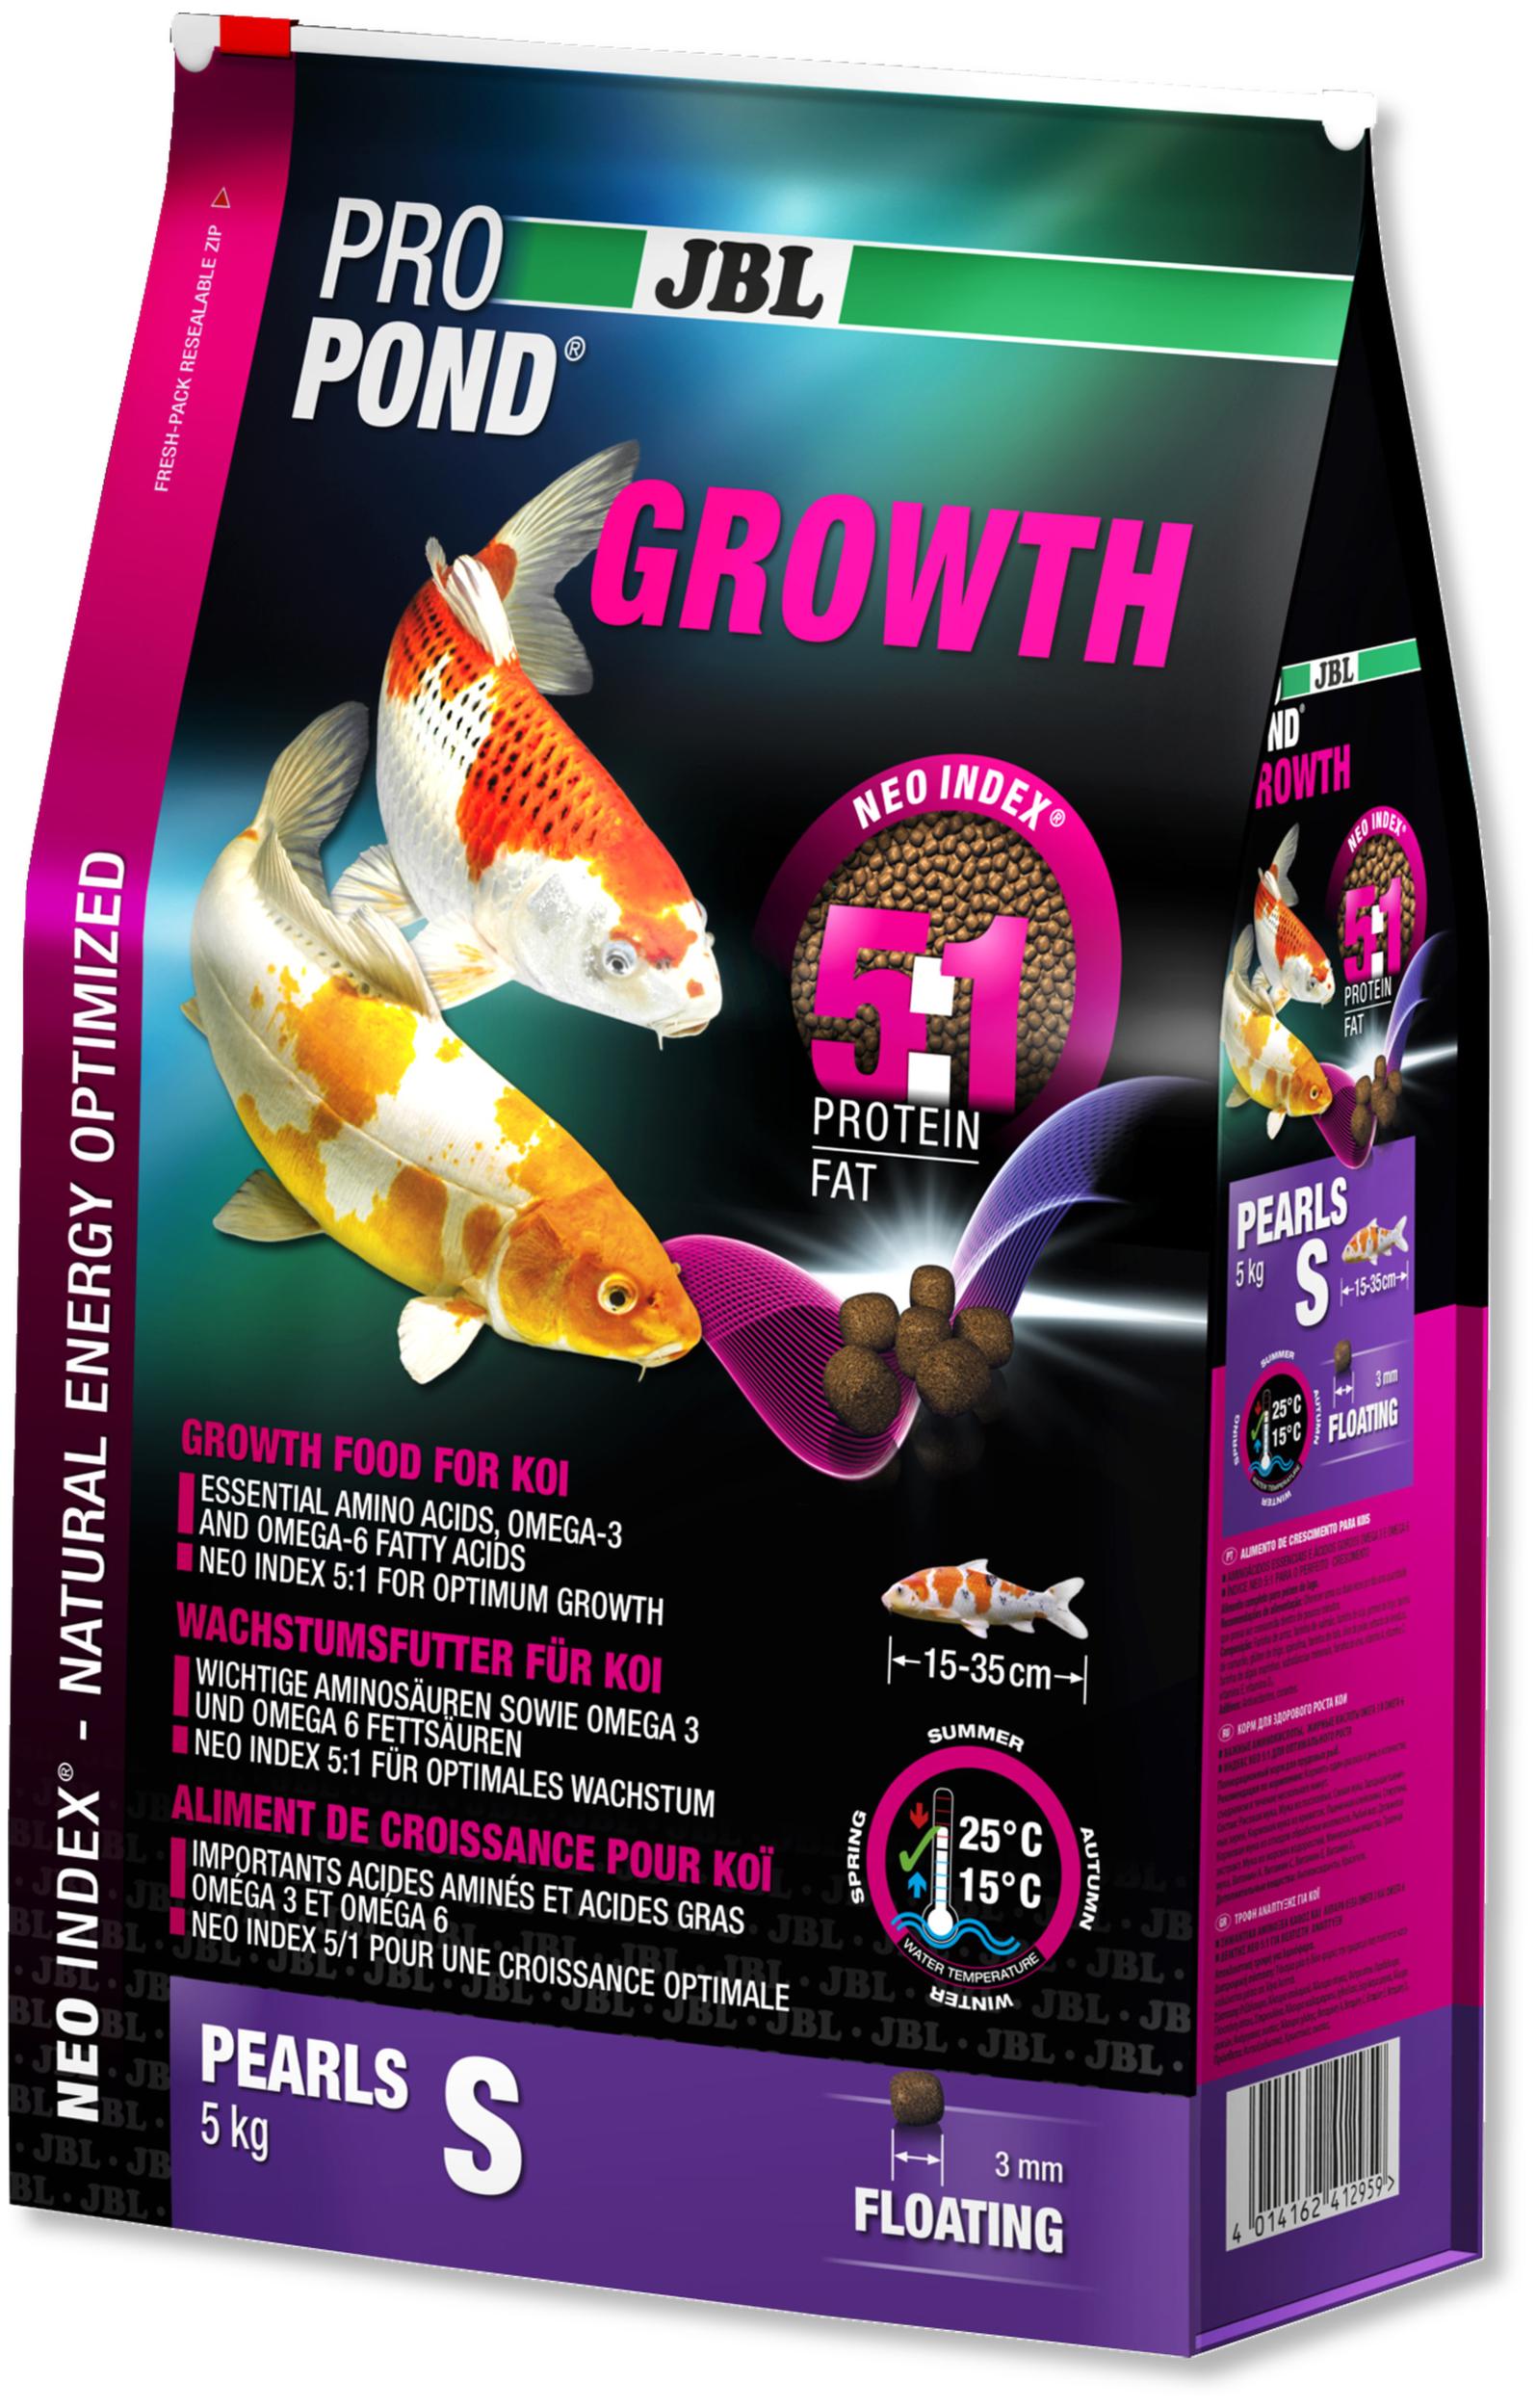 JBL ProPond Growth S 5 Kg nourriture Koïs spéciale croissance sous forme de perles pour poissons de 15 à 35 cm